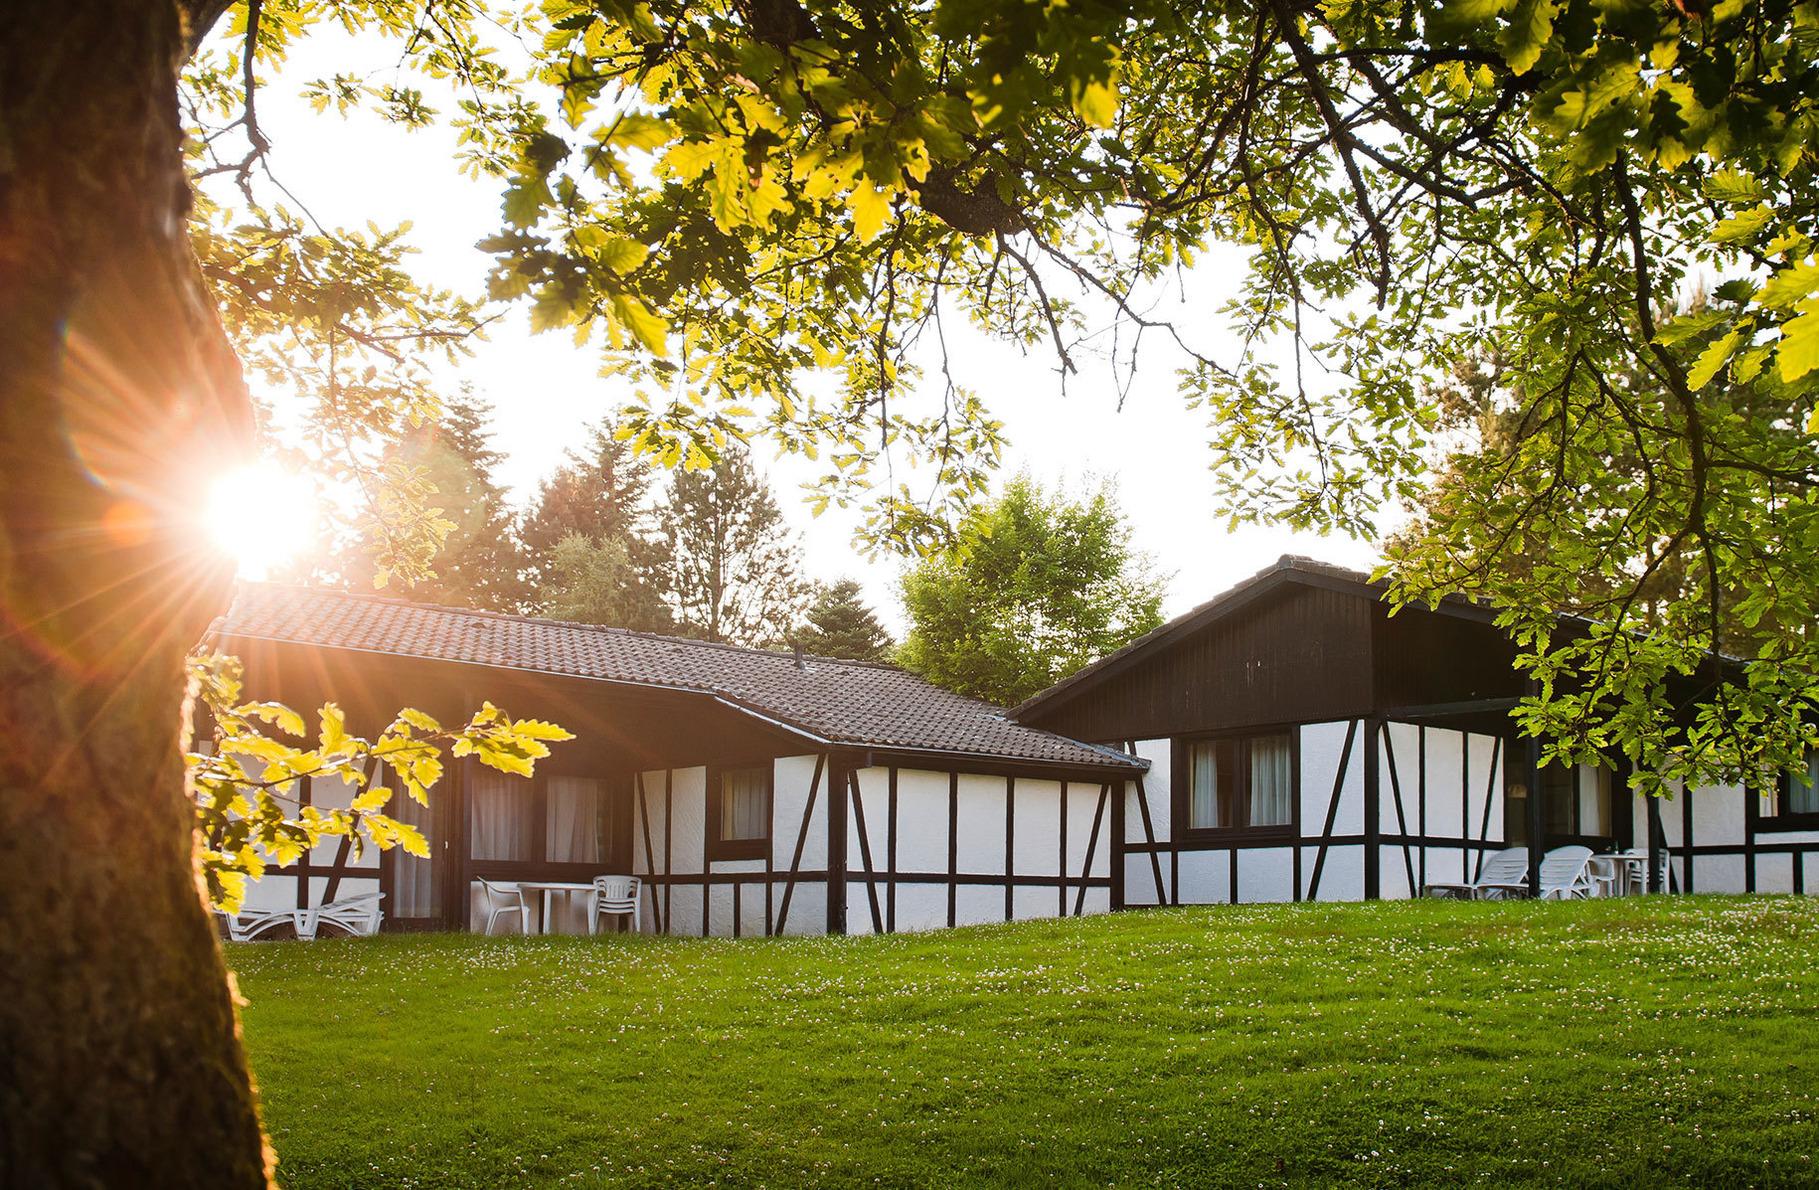 """Ferienhaus """"Kastanie"""" 2 Ferienhaus in der Eifel"""